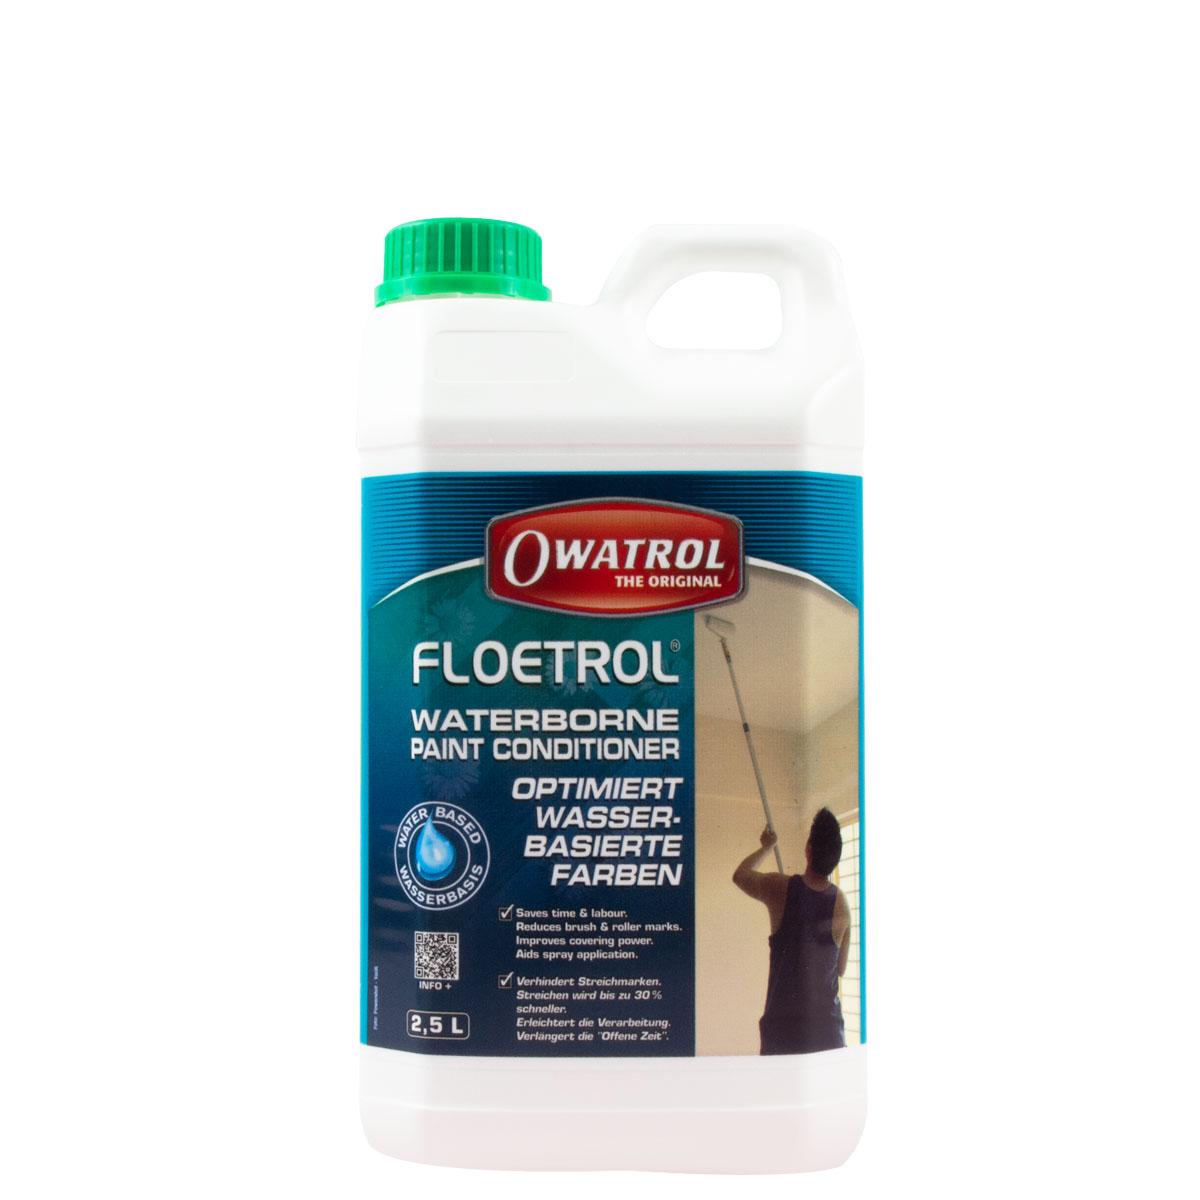 Owatrol Floetrol 2,5L, Farbadditiv